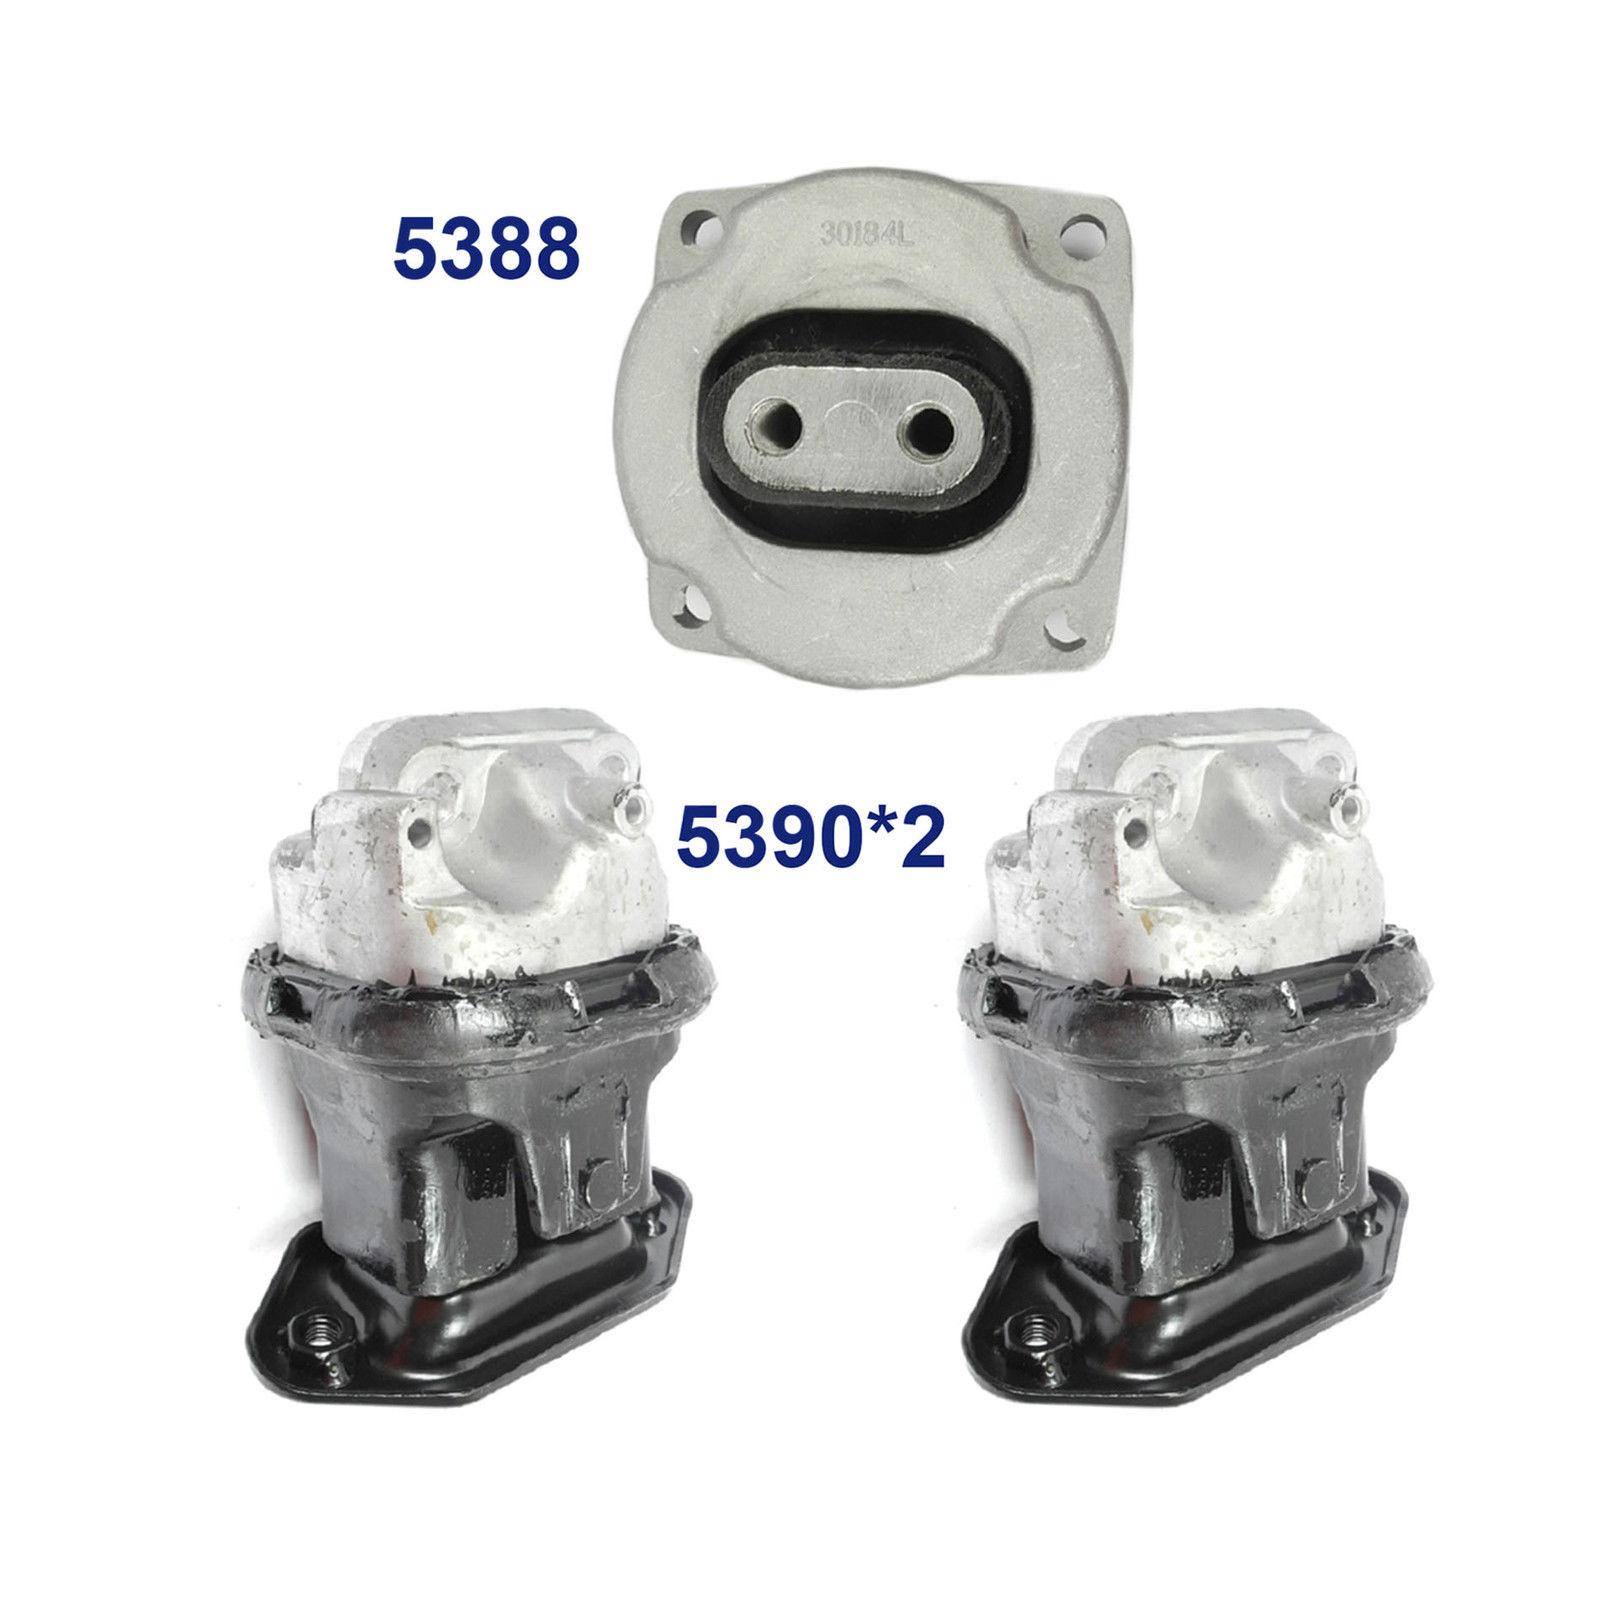 FORD FOCUS 2.5 ST Turbo 2 Avant Étrier De Frein Réparation Seal Kits SCK5728X2K